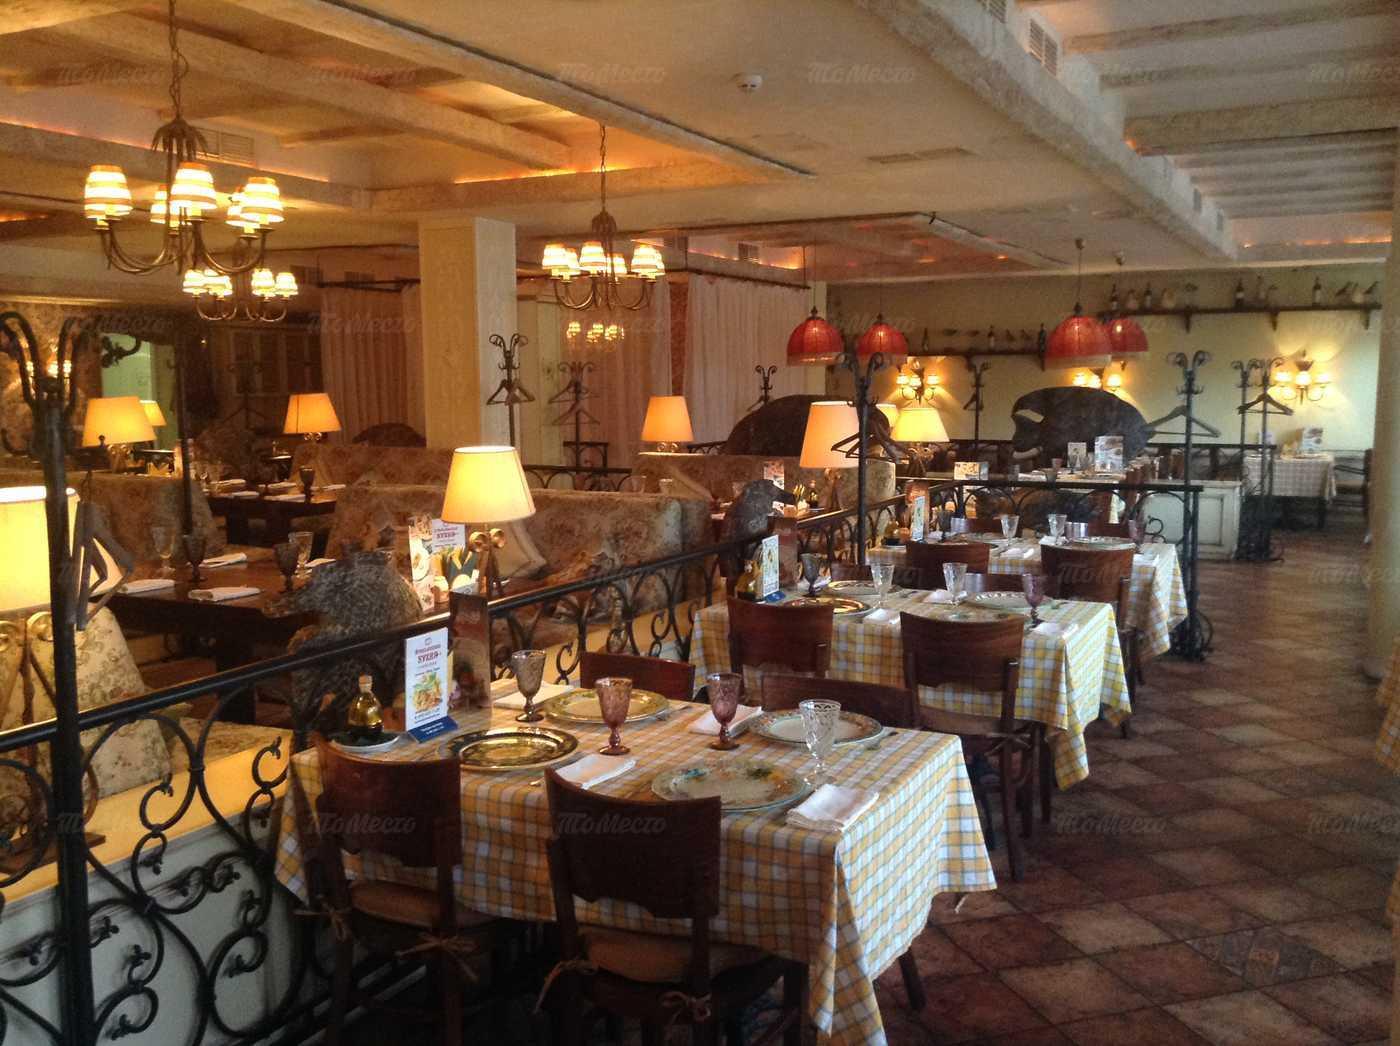 Меню ресторана Бенвенуто (Benvenuto) на Люблинской улице